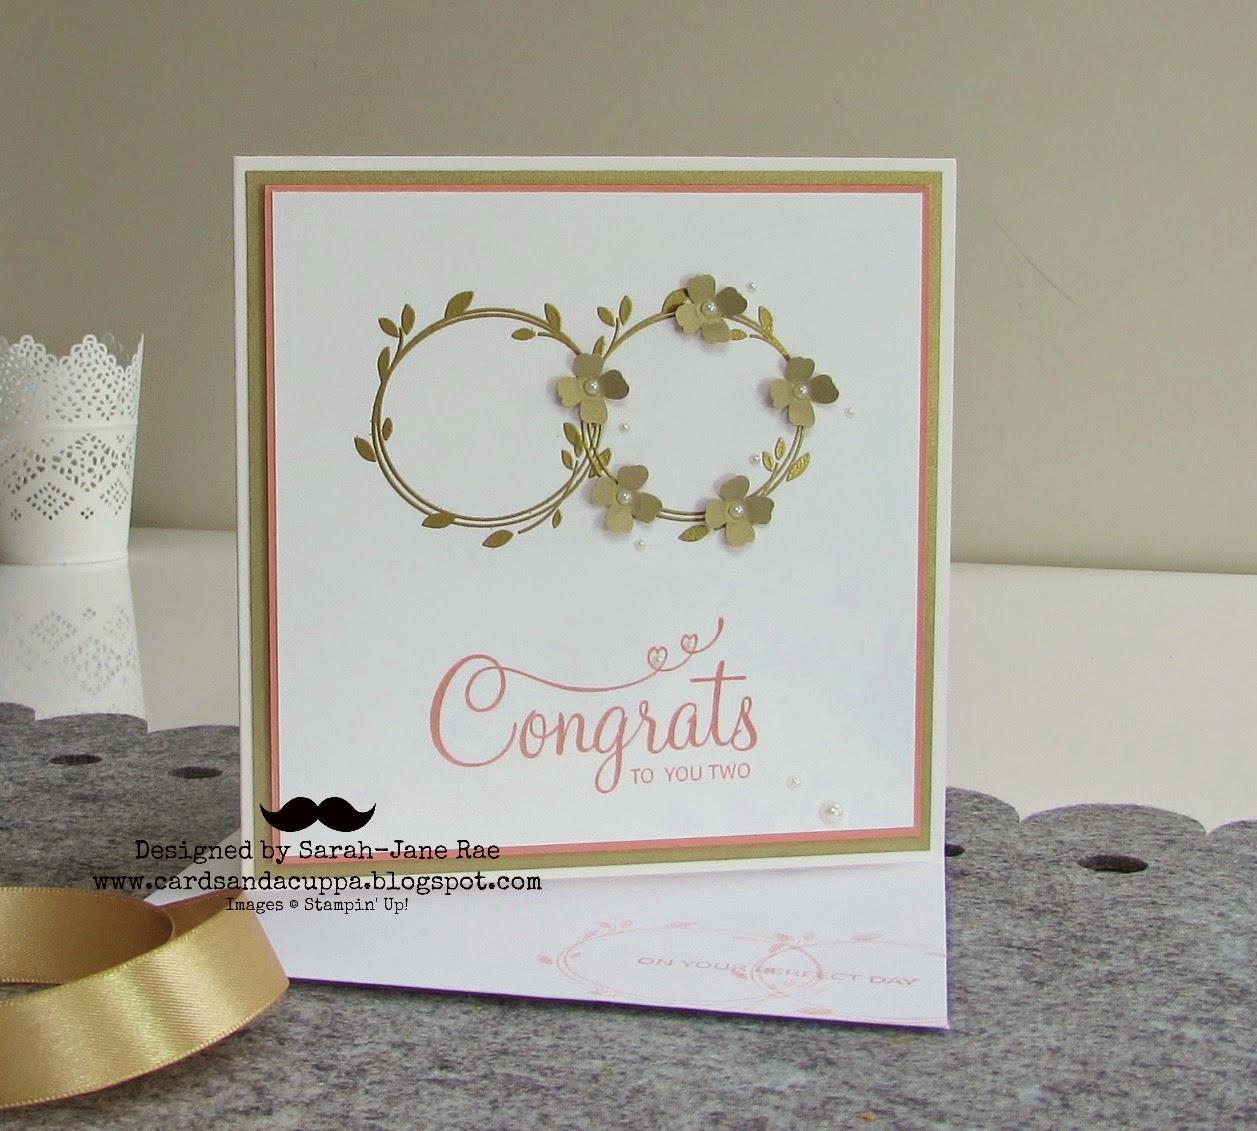 Wedding Cards Ideas To Make: Sarah-Jane Rae Cardsandacuppa: Stampin' Up! UK Order